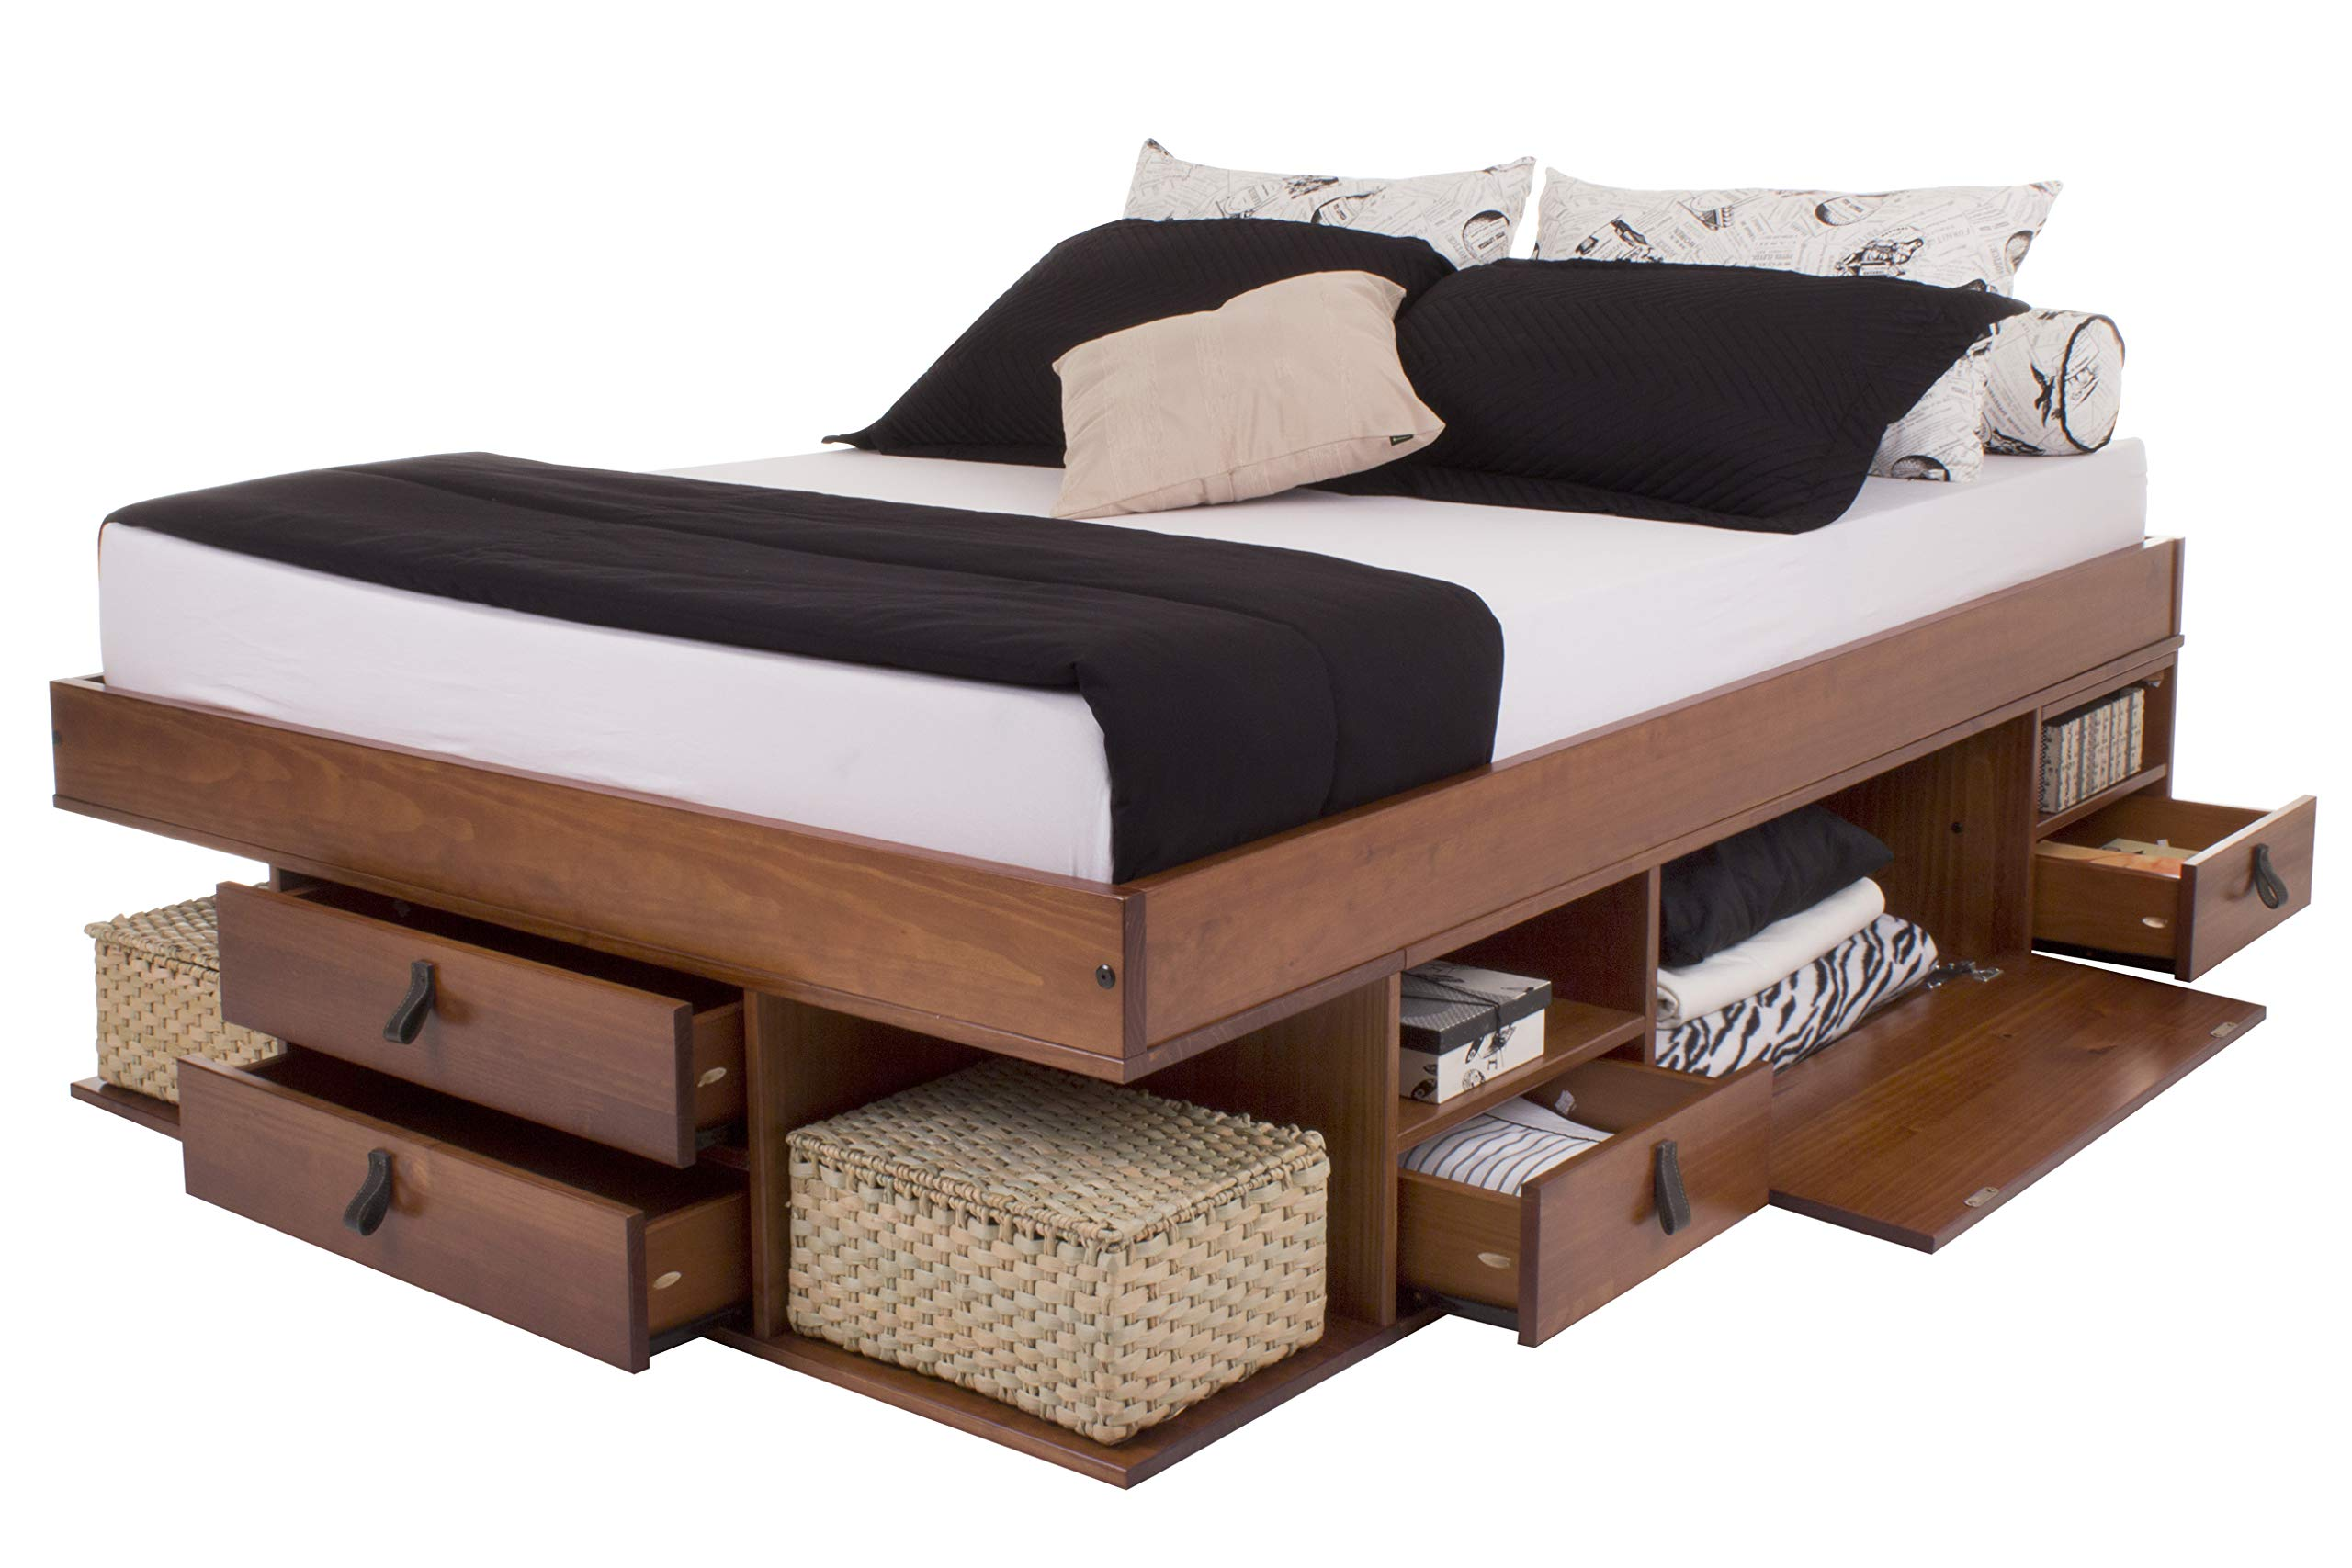 Full Size of Malm Bett Mit Aufbewahrung Ikea Erfahrung Lattenrost 180x200 140x200 200x200 Aufbau 120x200 Am Besten Bewertete Produkte In Der Kategorie Betten Amazonde Bett Bett Mit Aufbewahrung